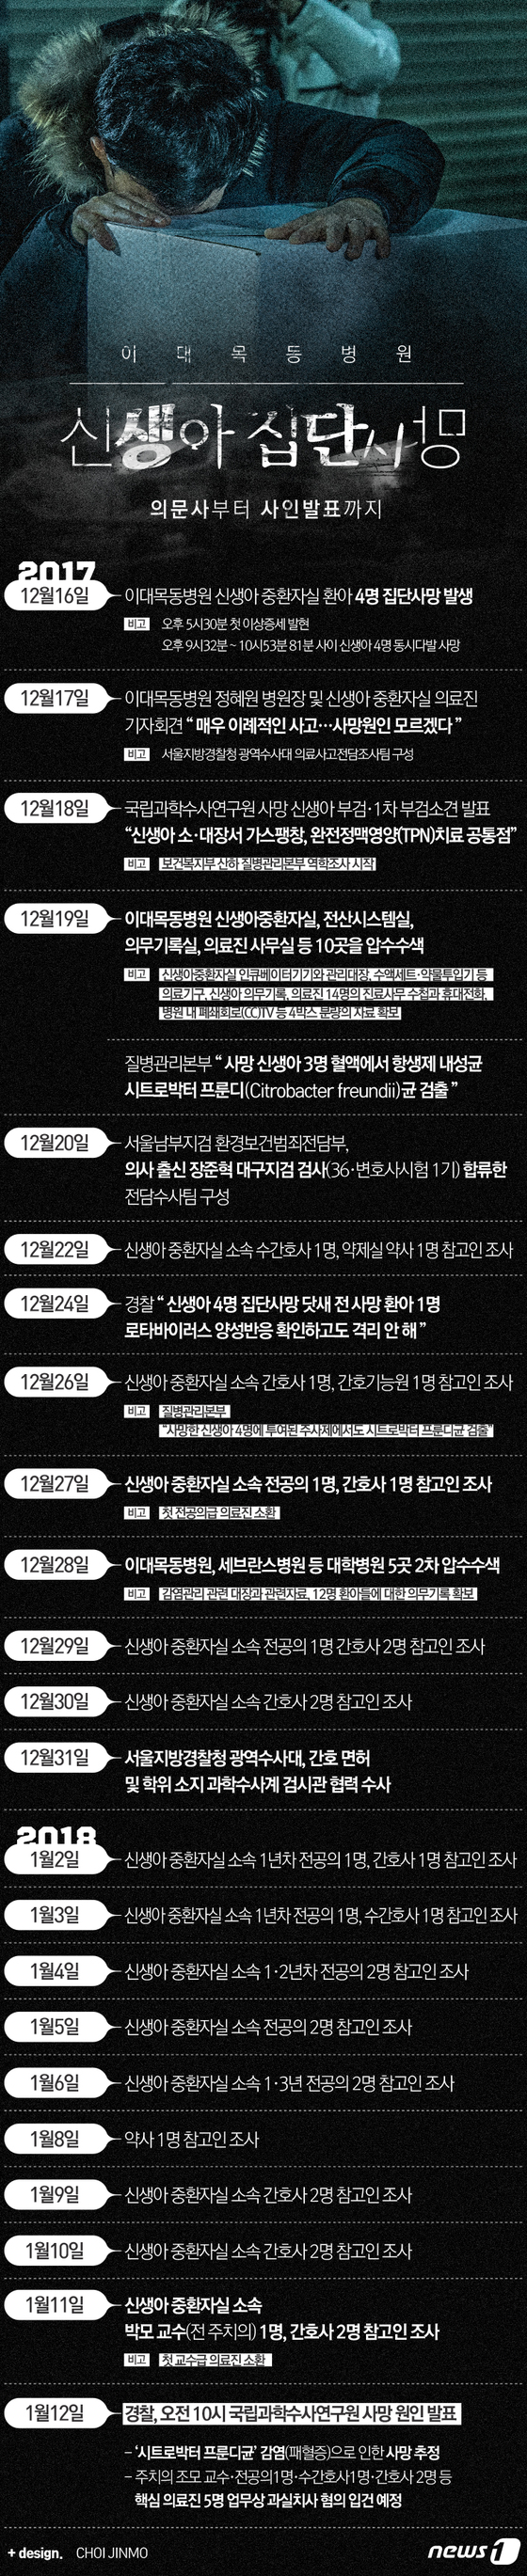 [그래픽뉴스]이대목동병원 '신생아 집단사망' 의문사부터 사인발표까지